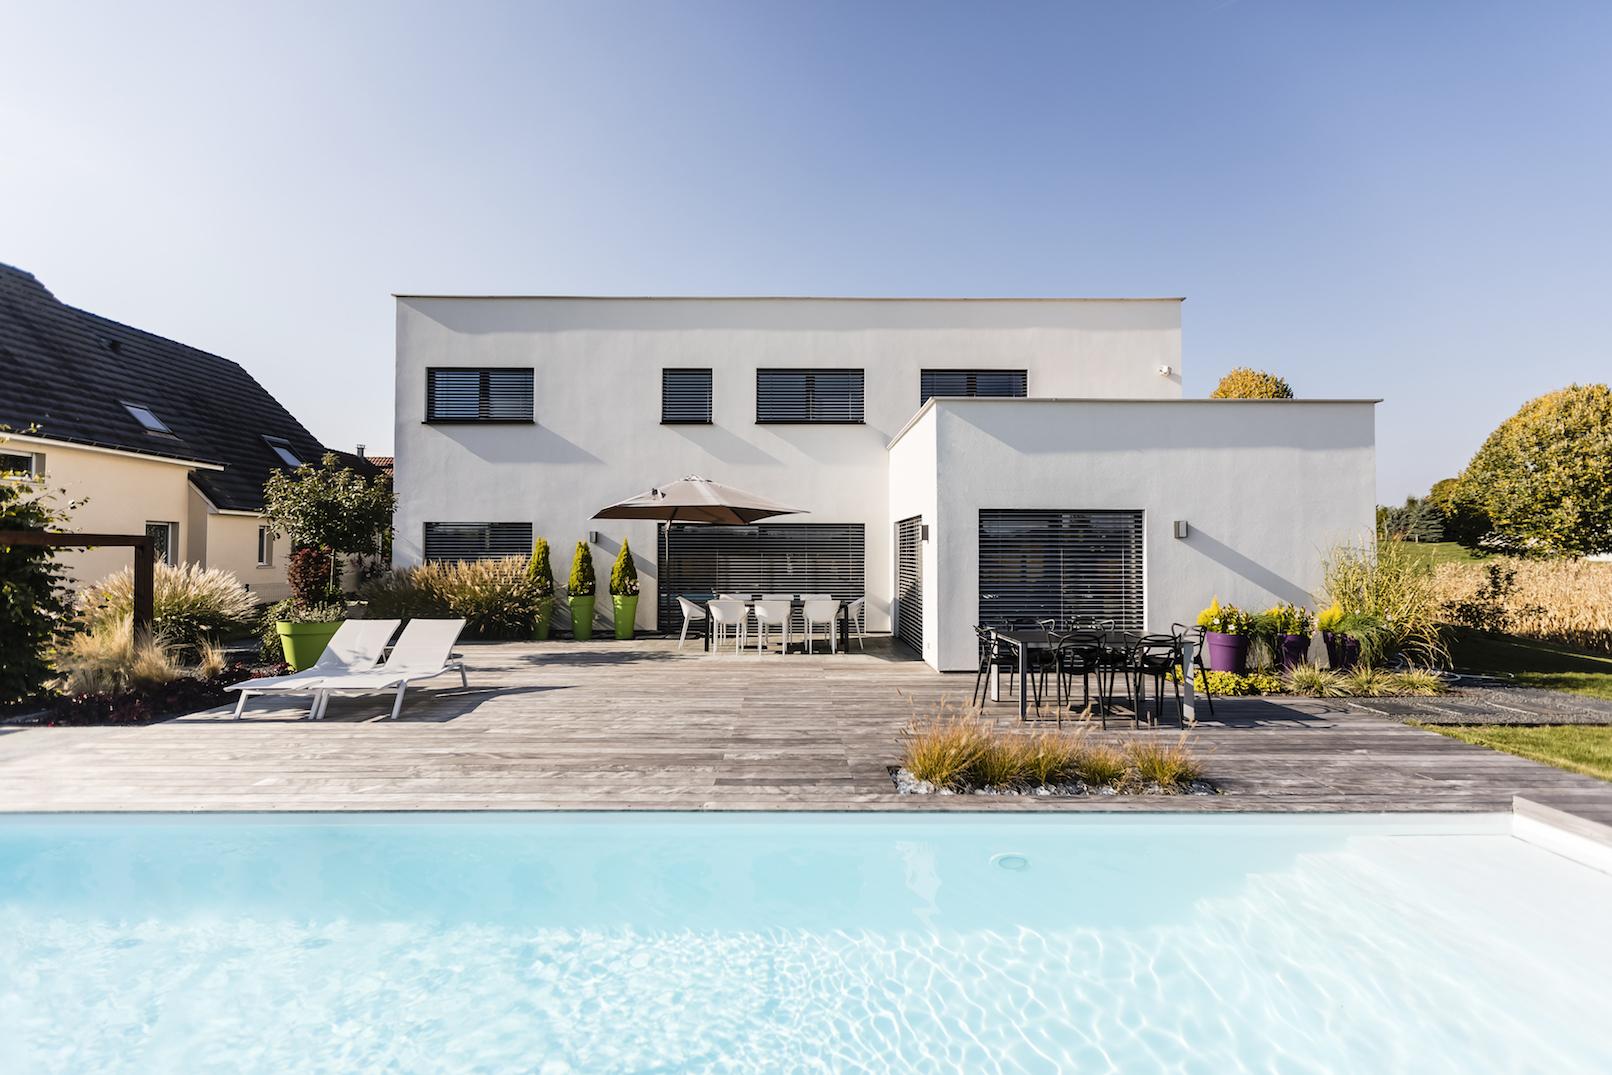 maison passive proche de mulhouse maisons prestige. Black Bedroom Furniture Sets. Home Design Ideas